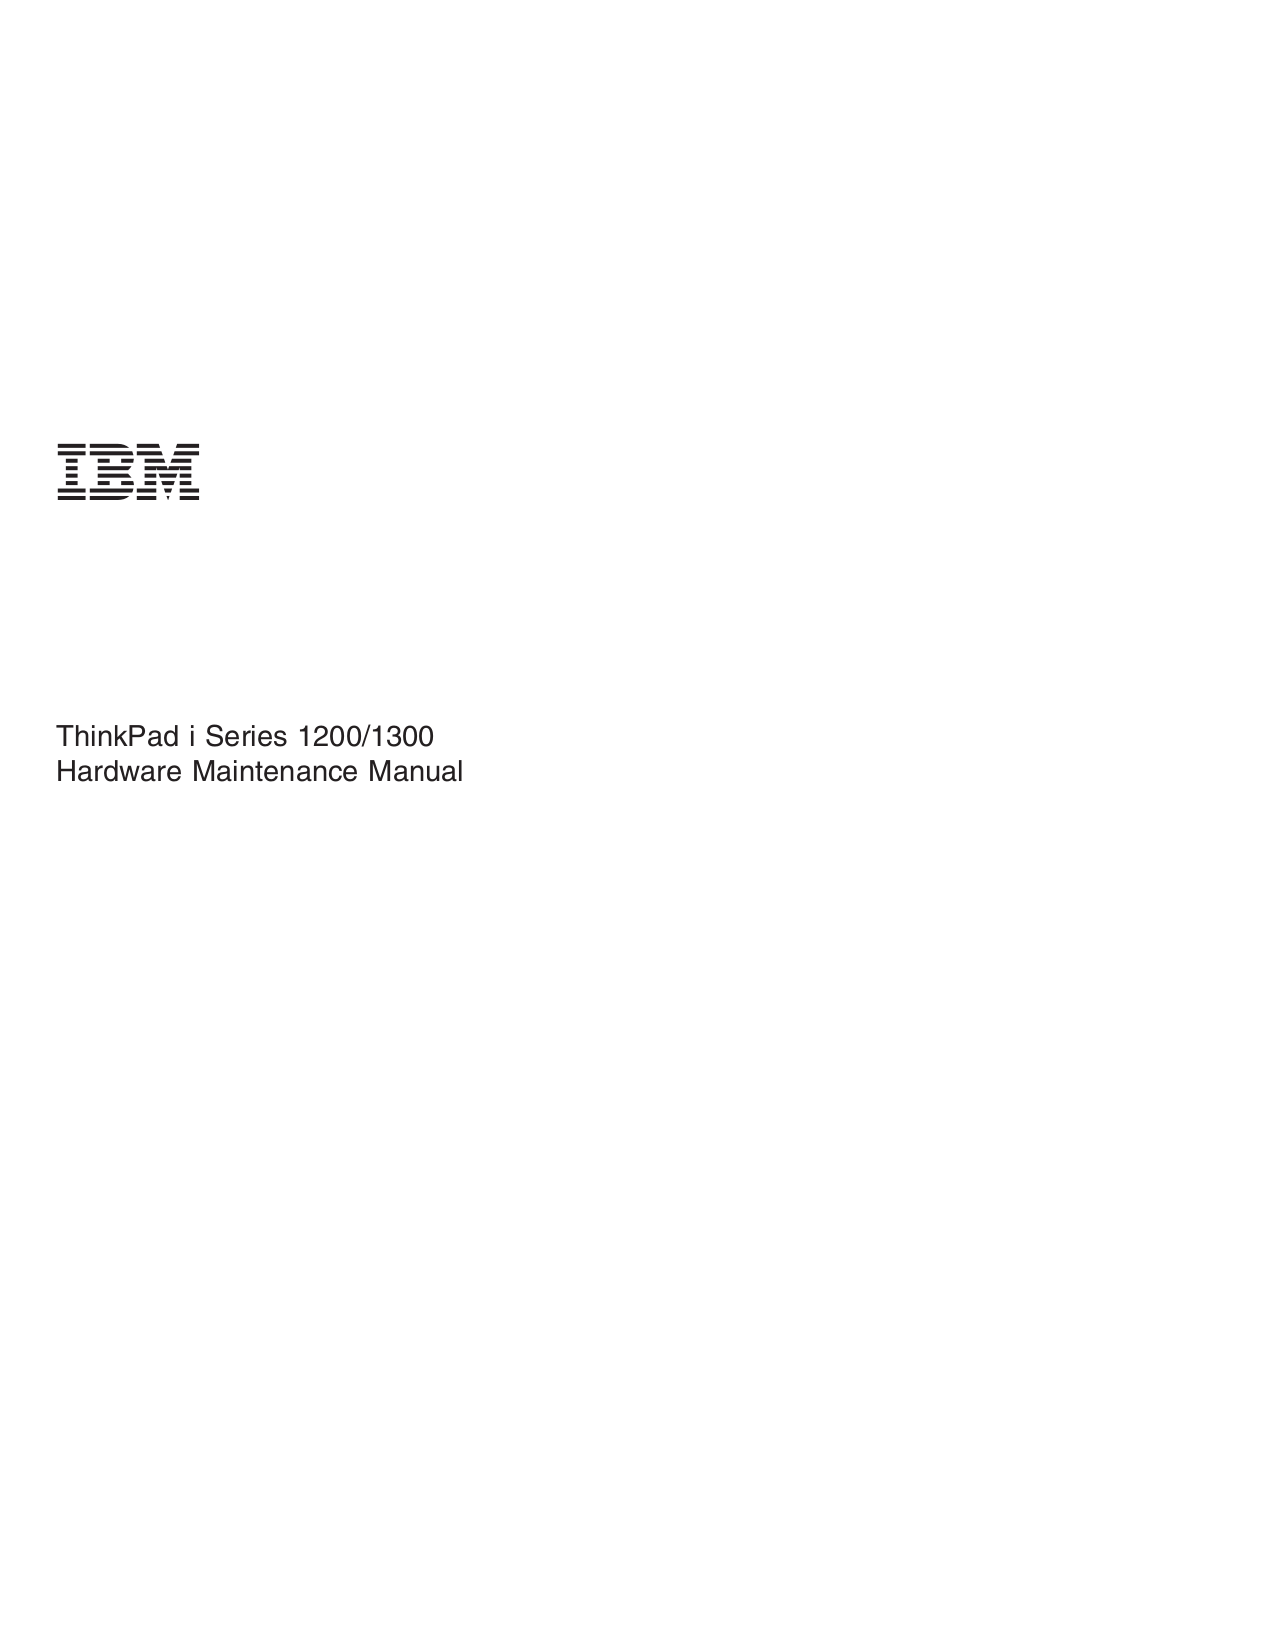 pdf for IBM Laptop ThinkPad i Series 1200 manual